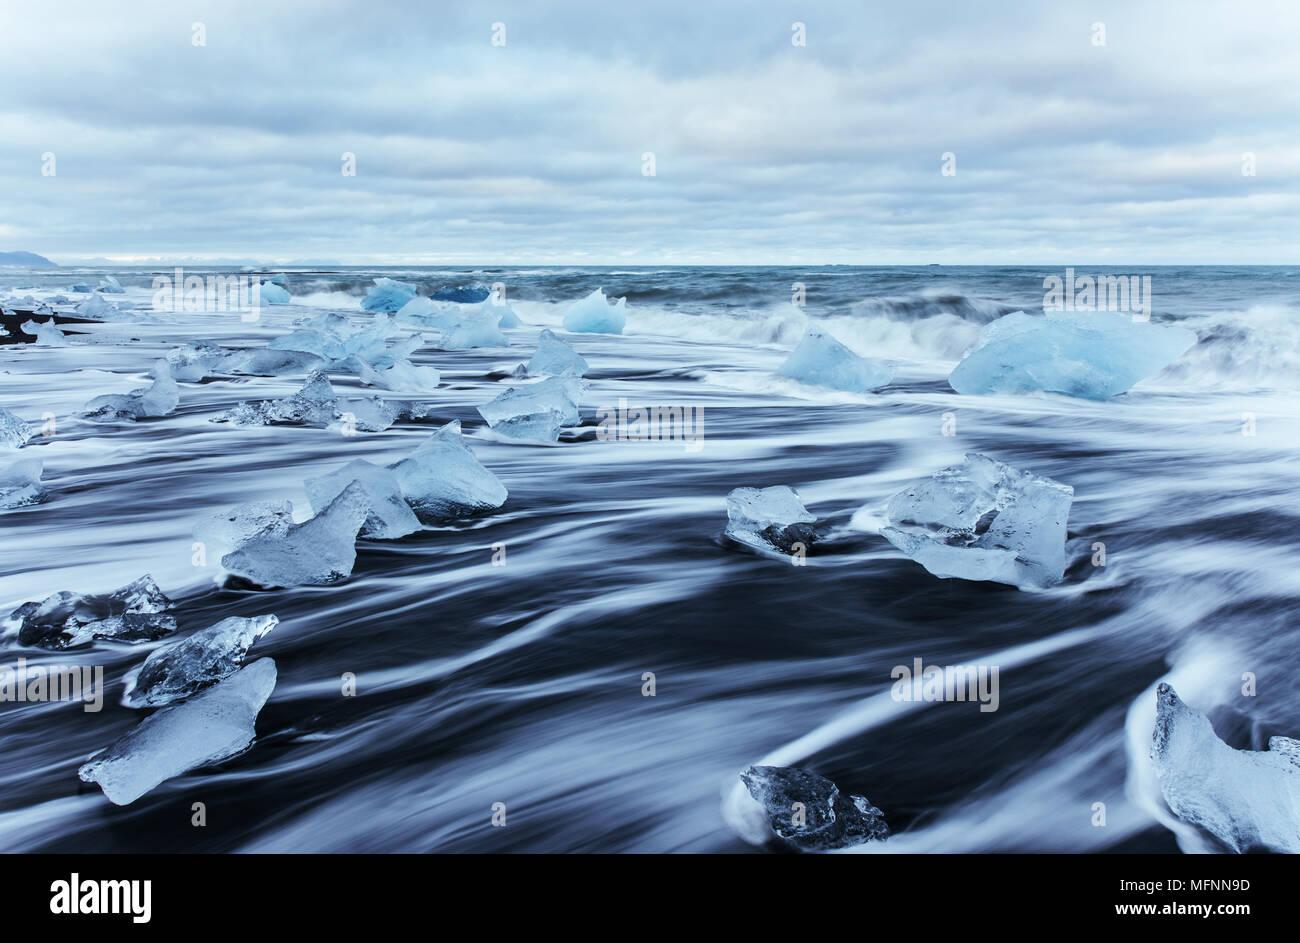 Glacier jökulsárlón lagoon, magnifique coucher de soleil sur la plage noire, de l'Islande Photo Stock